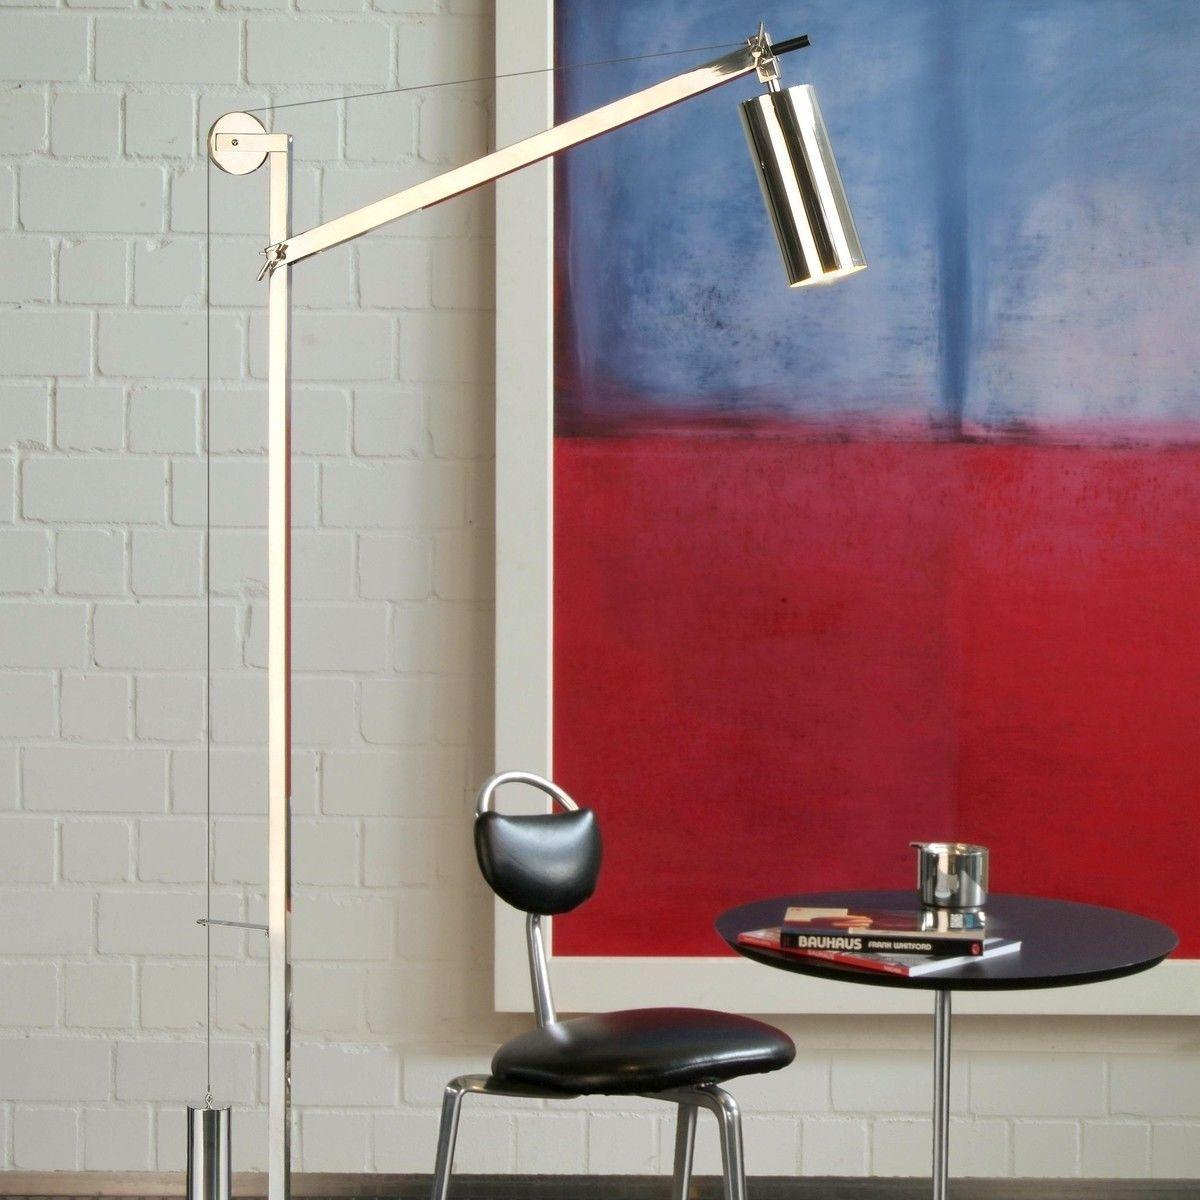 bh 23 bauhaus stehleuchte mit gegengewicht tecnolumen. Black Bedroom Furniture Sets. Home Design Ideas